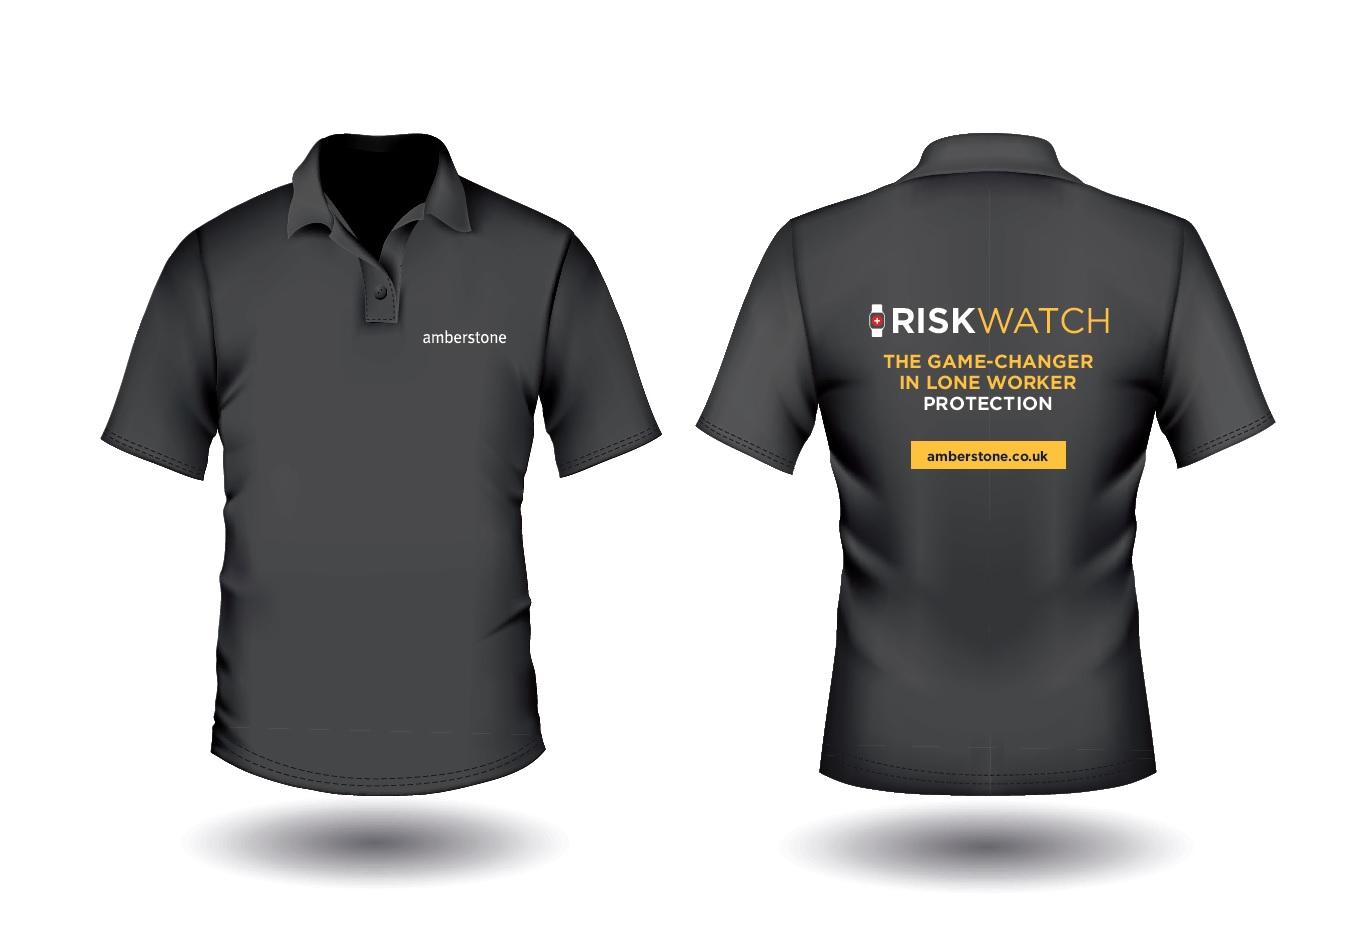 Amberstone RiskWatch t-shirt